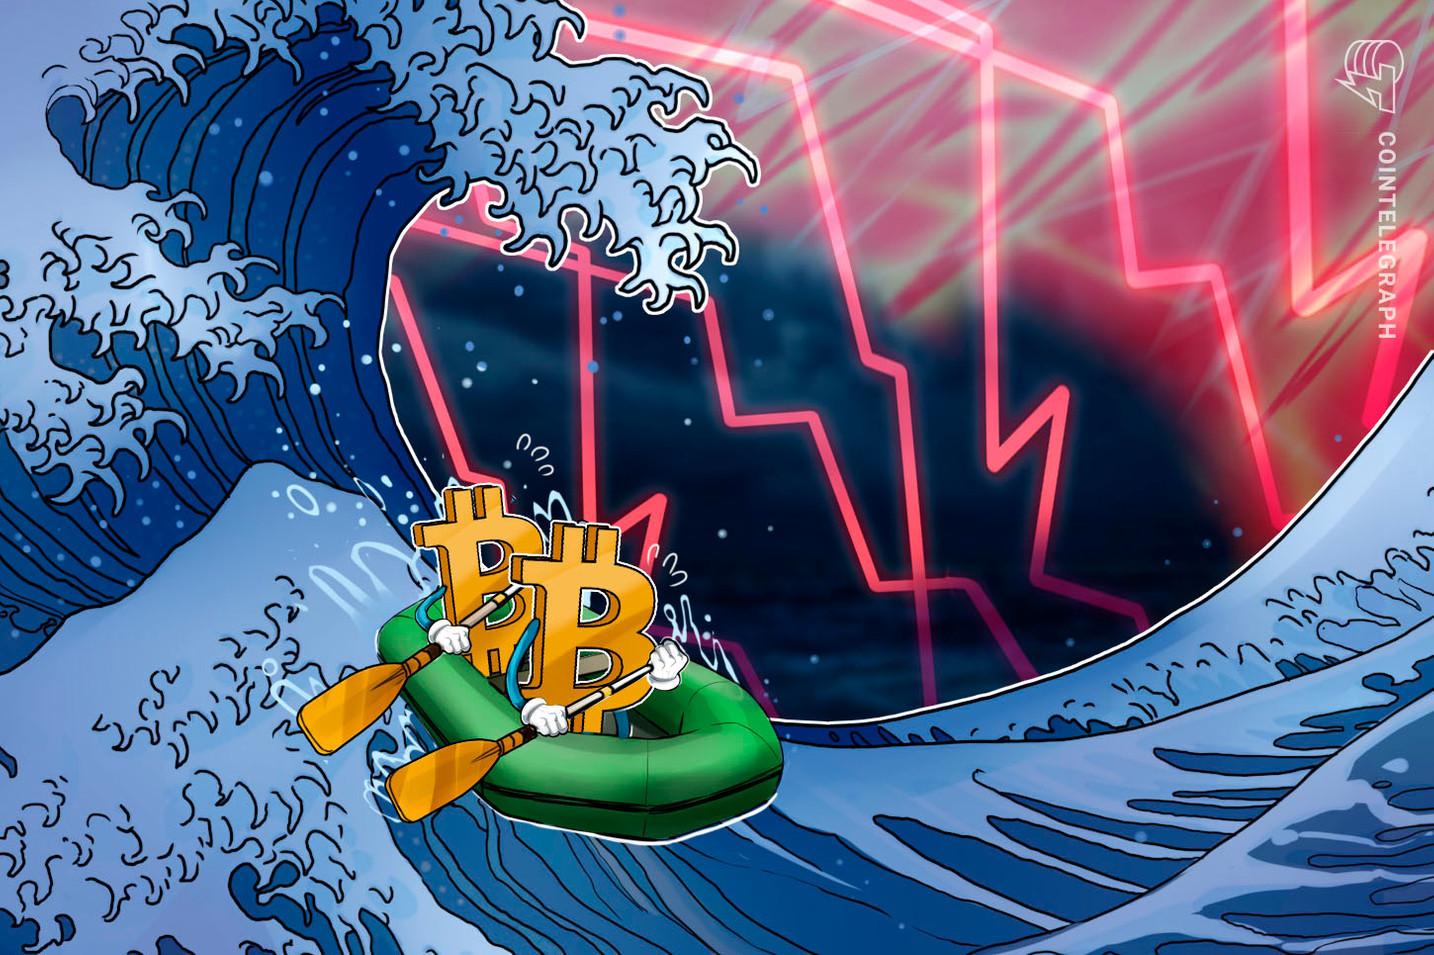 仮想通貨ビットコインは2021年末から上昇?2022年にはドミナンスが80%超か